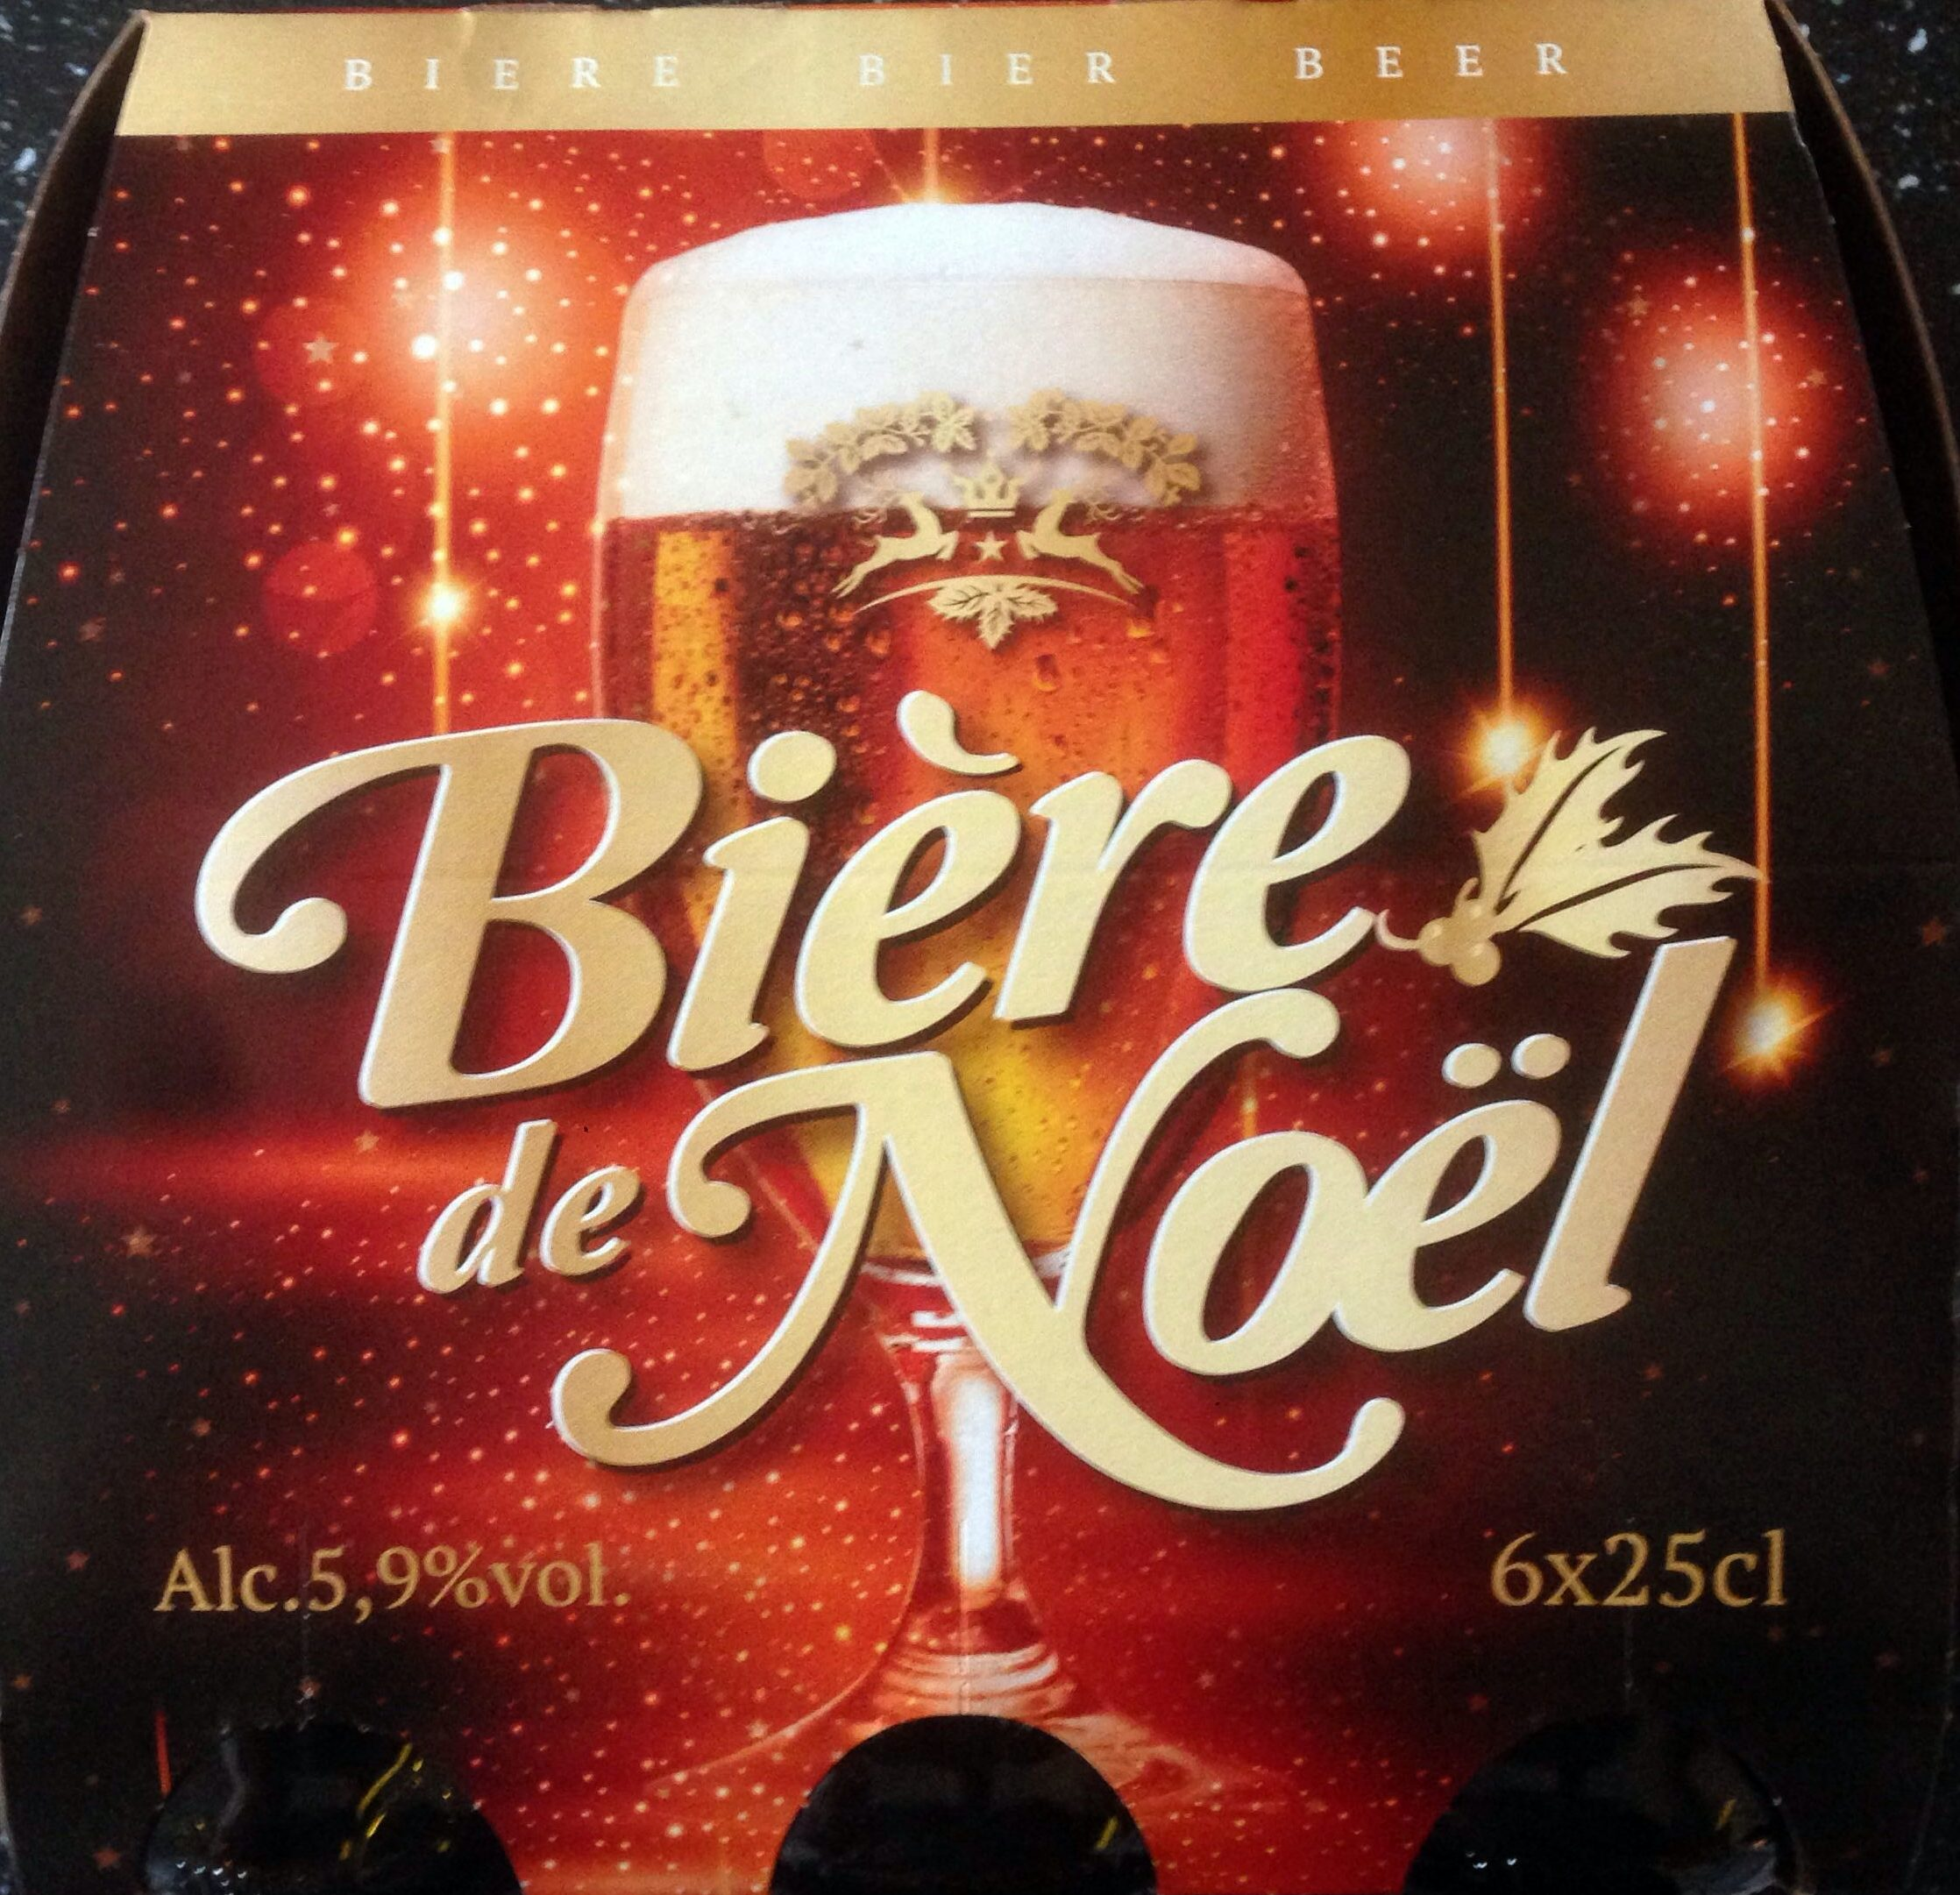 BièRe De Noel Bière de Noël   Lidl   1,5L (6*25 cl)